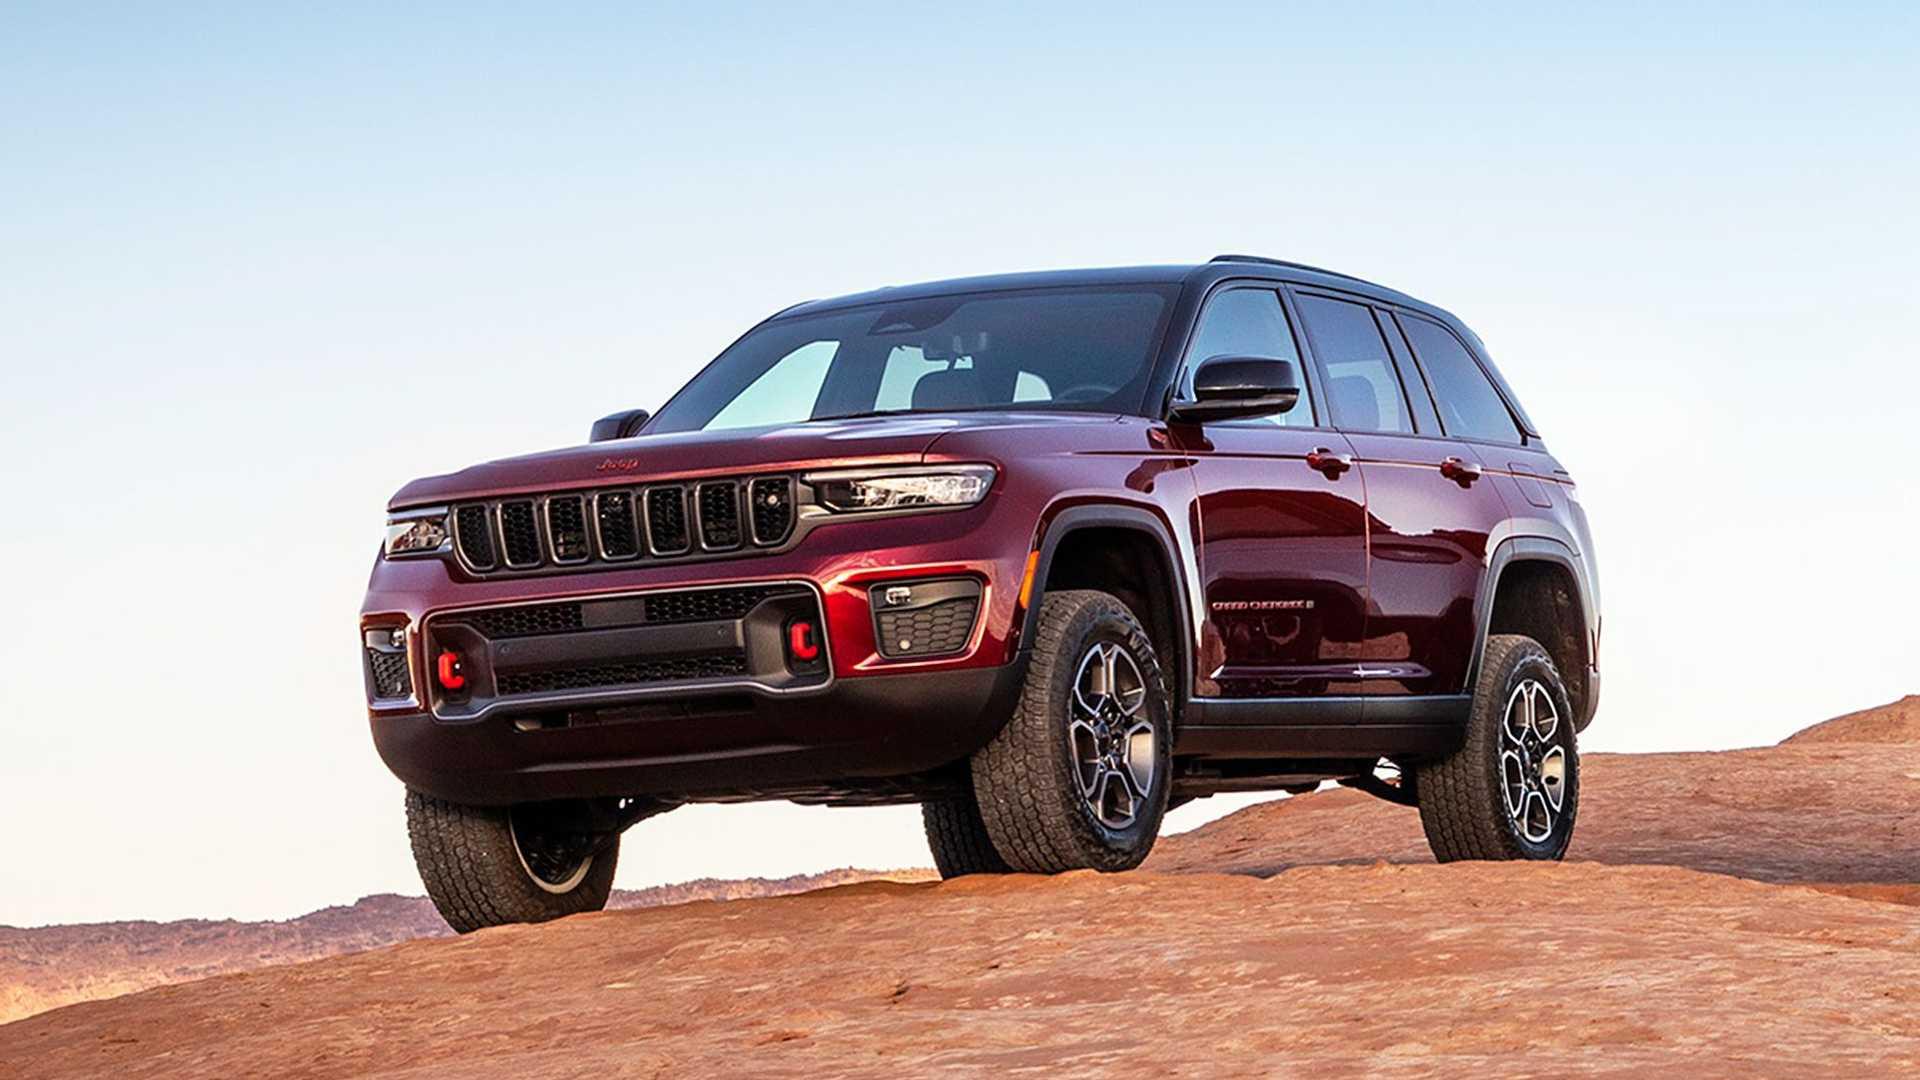 Трехрядный Jeep Grand Cherokee сменил поколение еще в начале этого года, а официальная премьера пятиместного варианта произошла только сейчас.